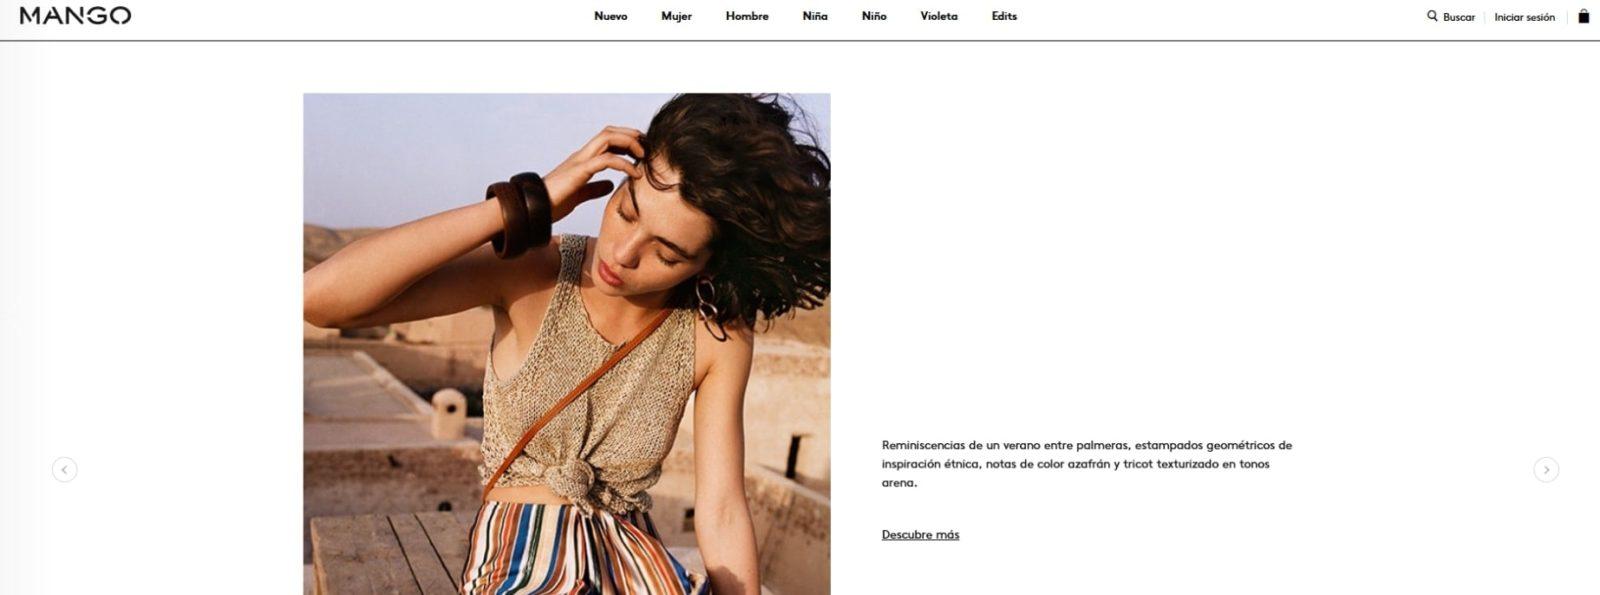 Ejemplo de elegancia en diseño web